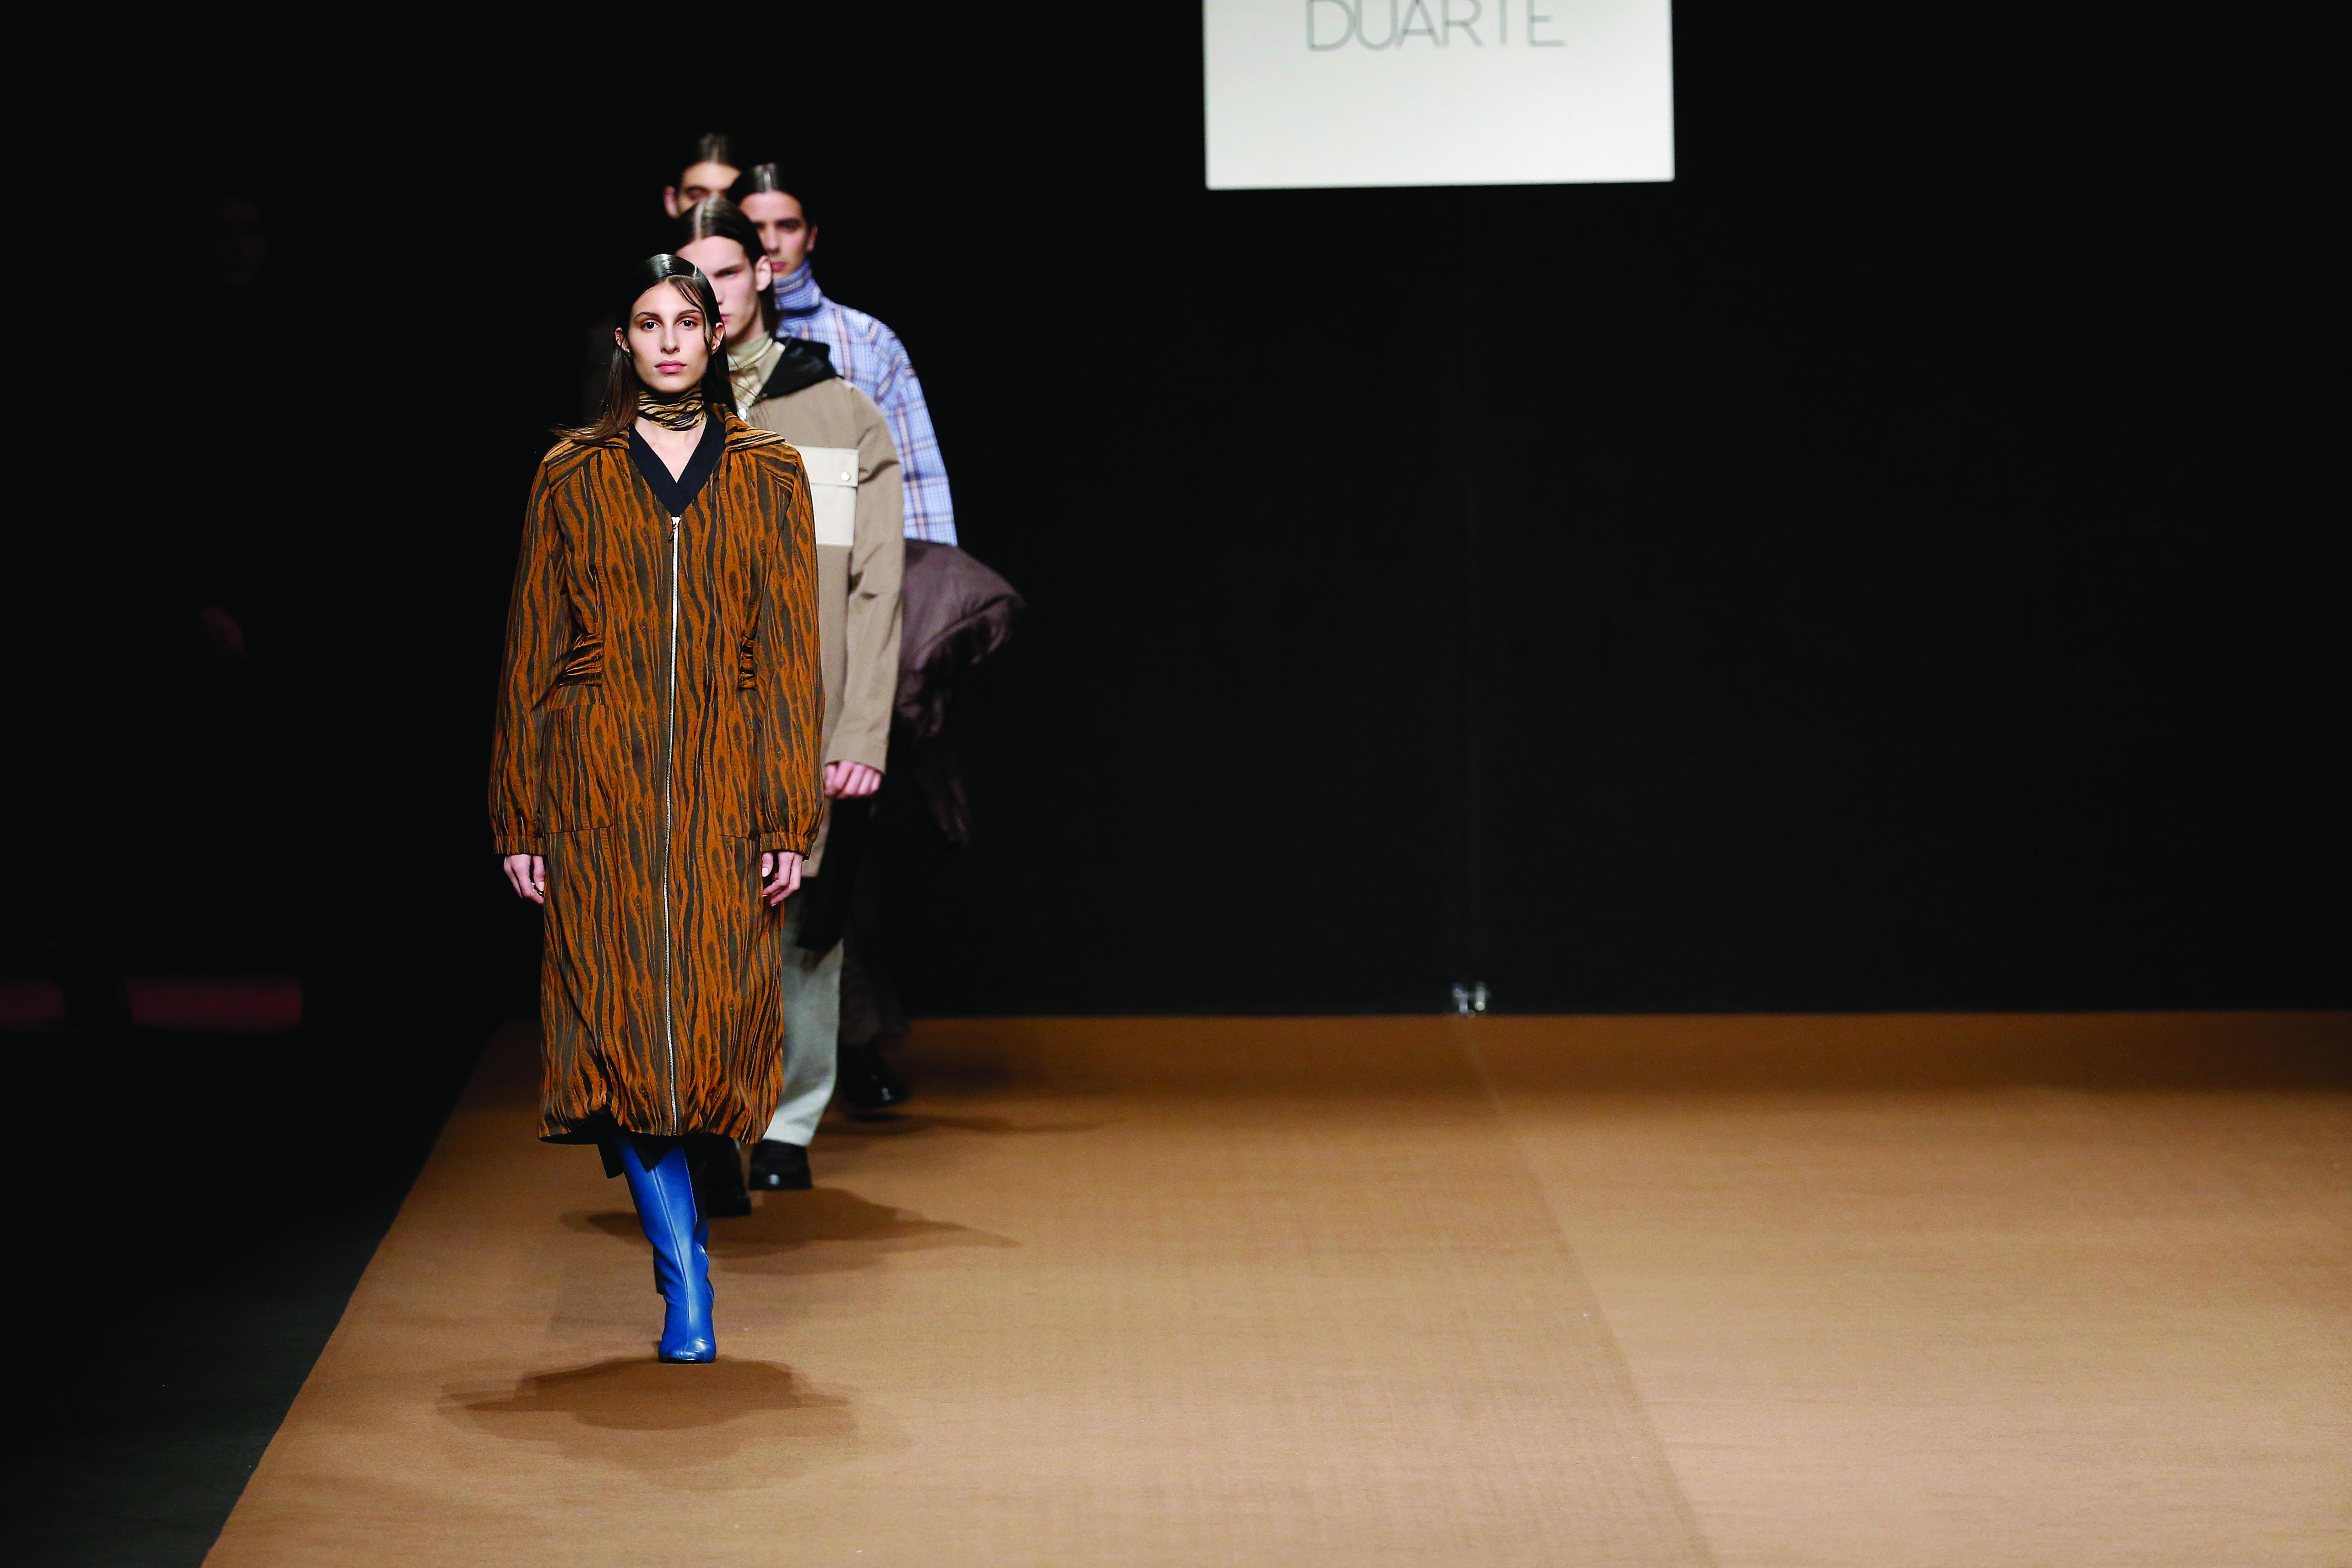 El universo redefinido de Duarte para la FW19-20 en la Mercedes Benz Fashion Week Madrid